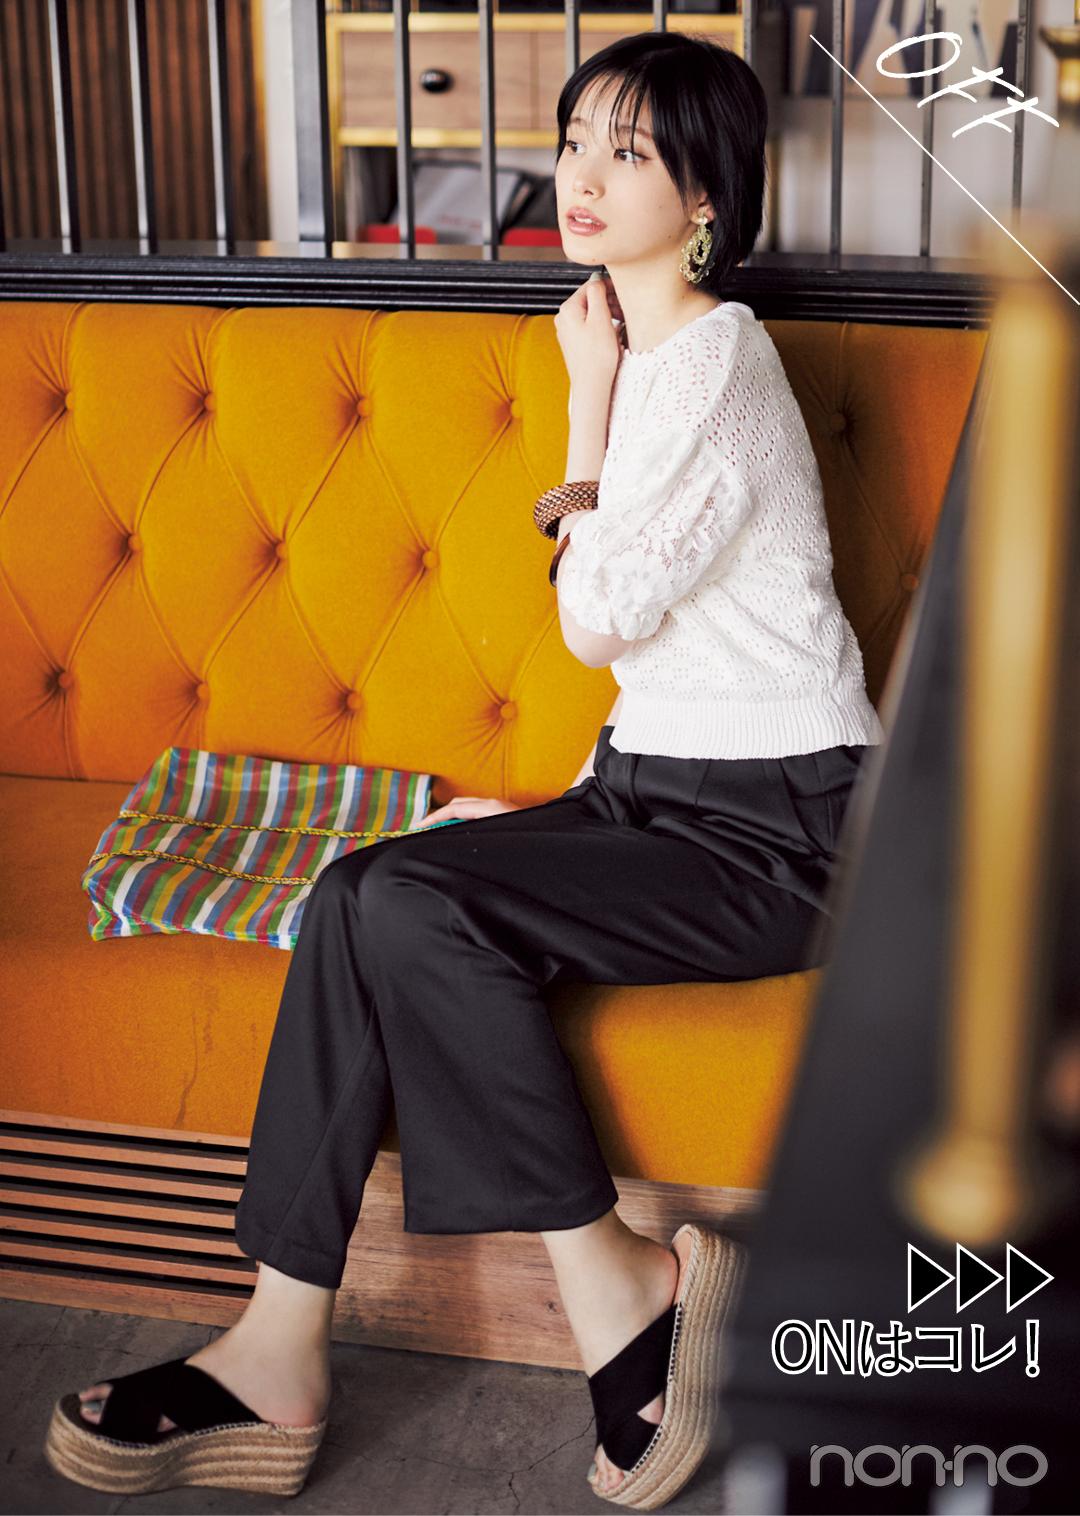 黒パンツのオンオフ着回し★ きれいめ&今っぽの2通りコーデ【20代オフィスカジュアル】_1_3-2